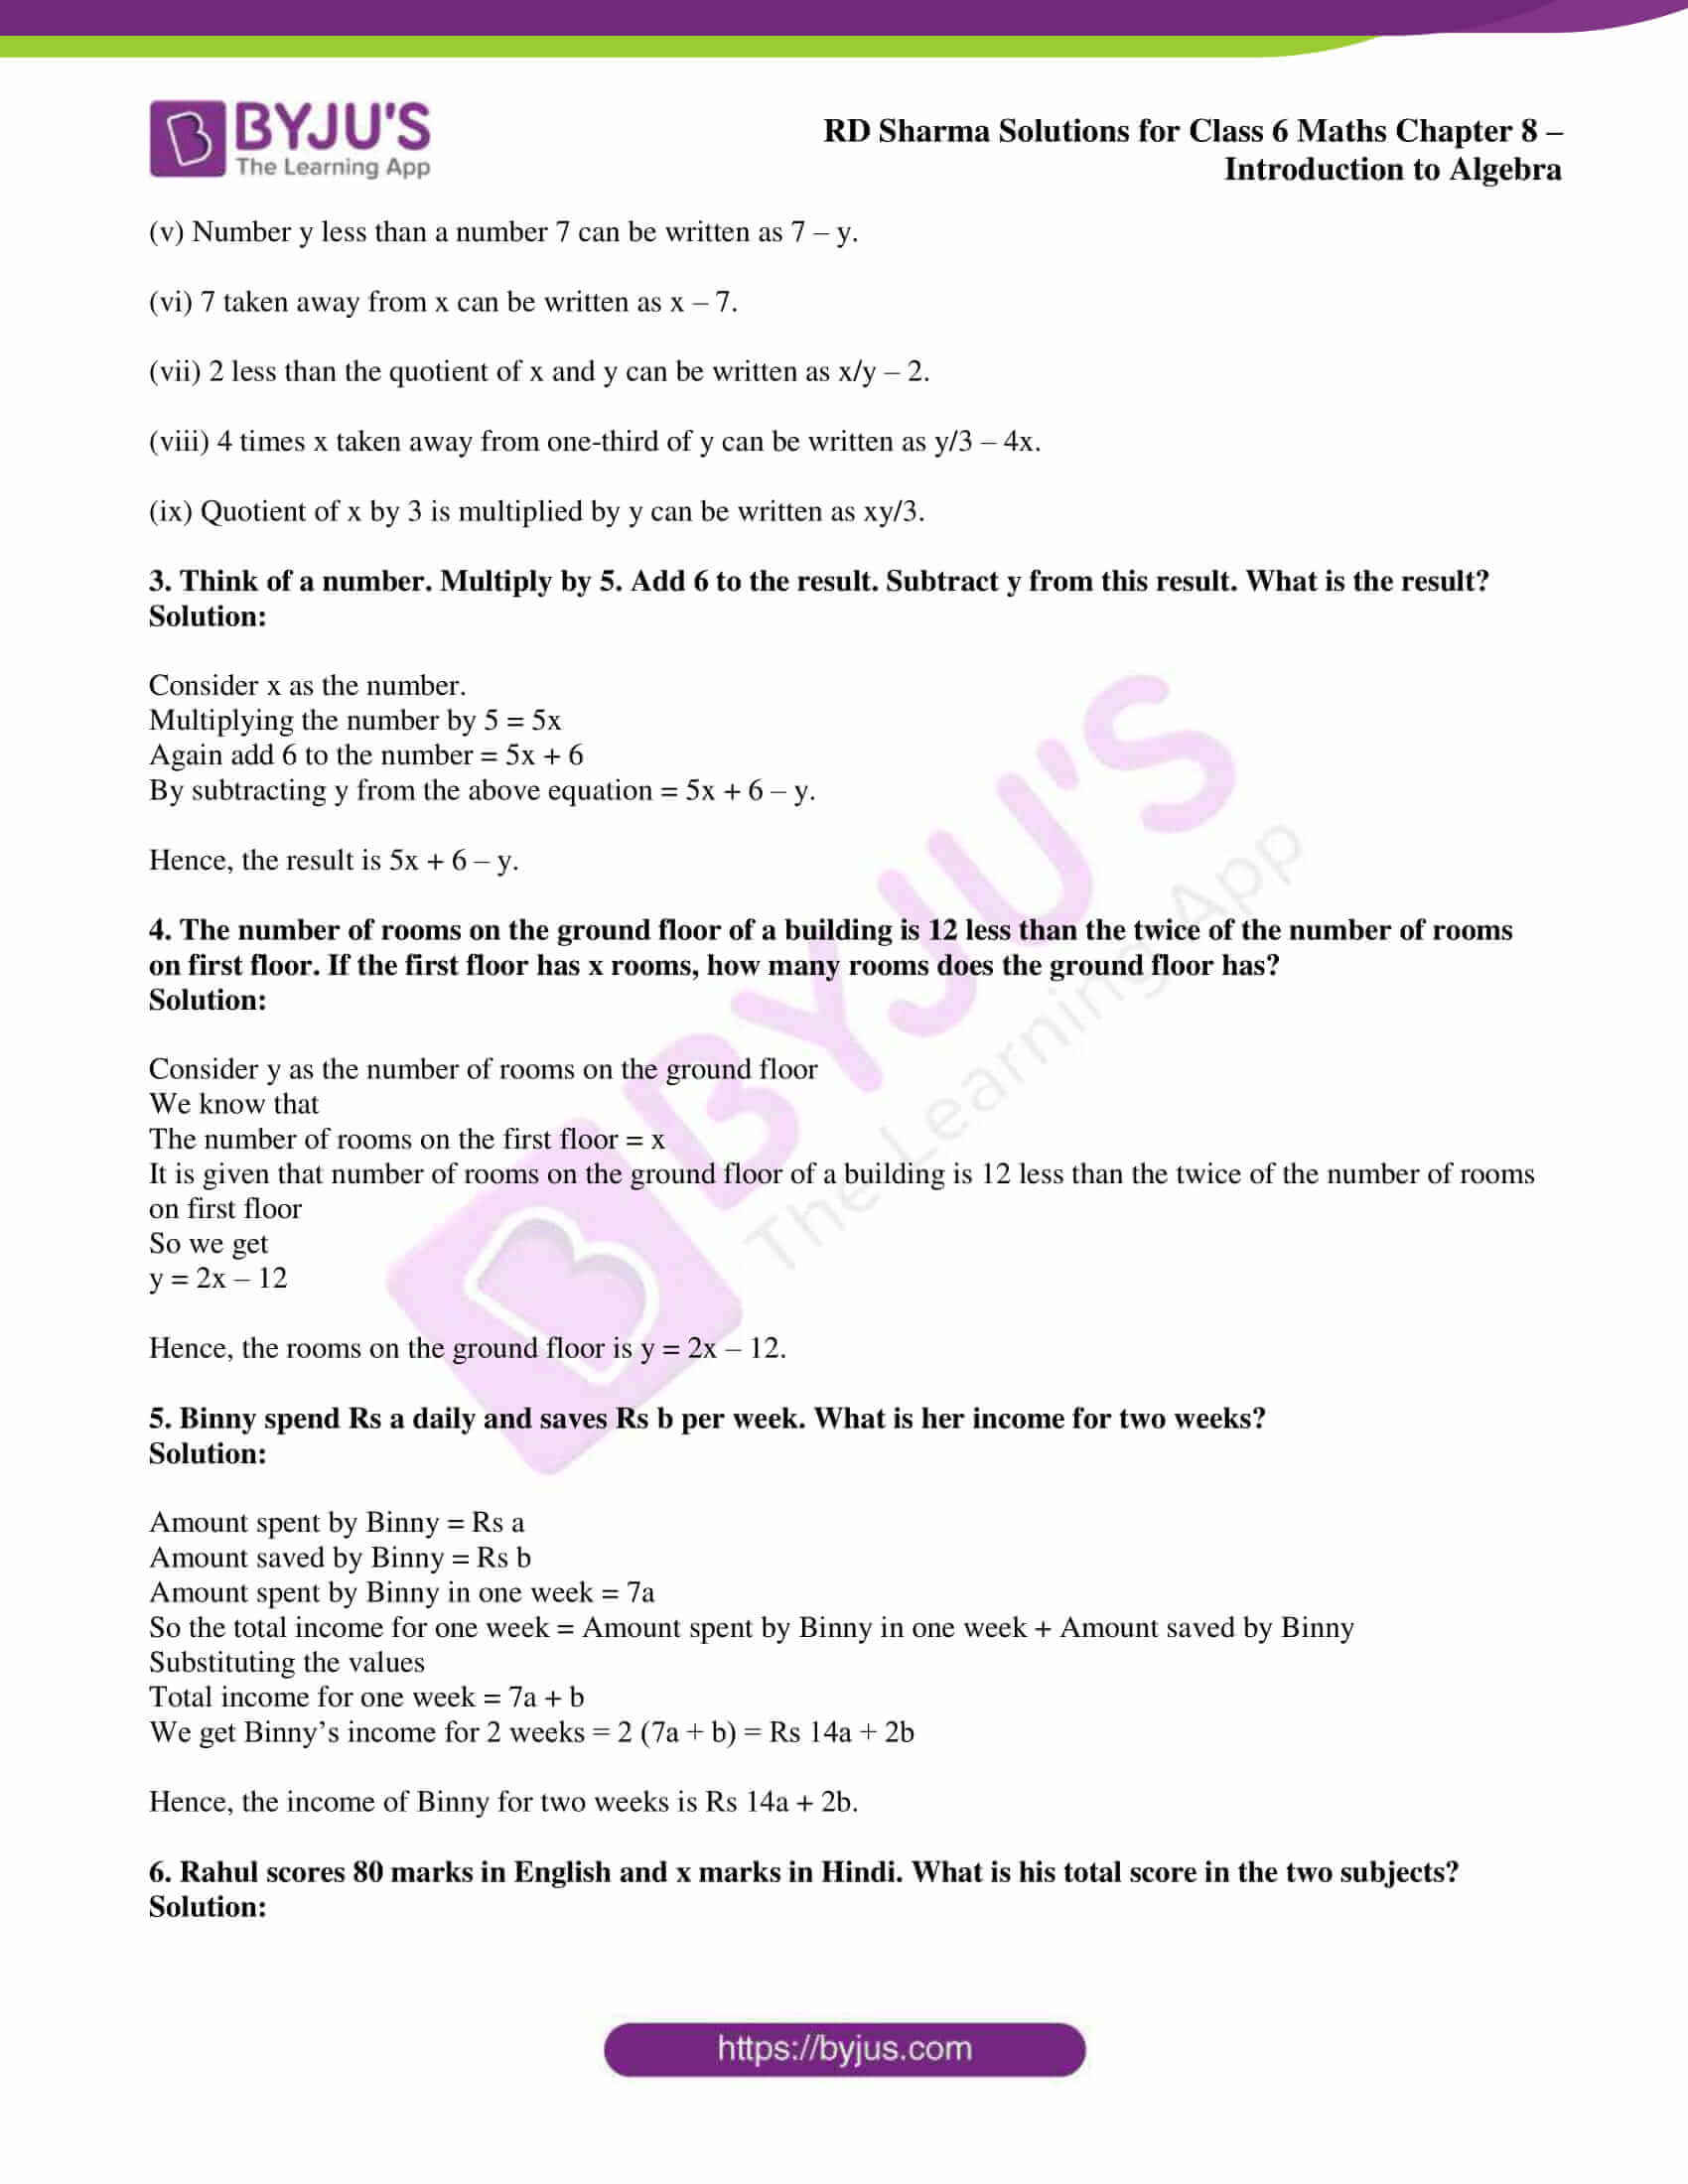 rd sharma class 6 maths solutions chapter 8 ex 1 2